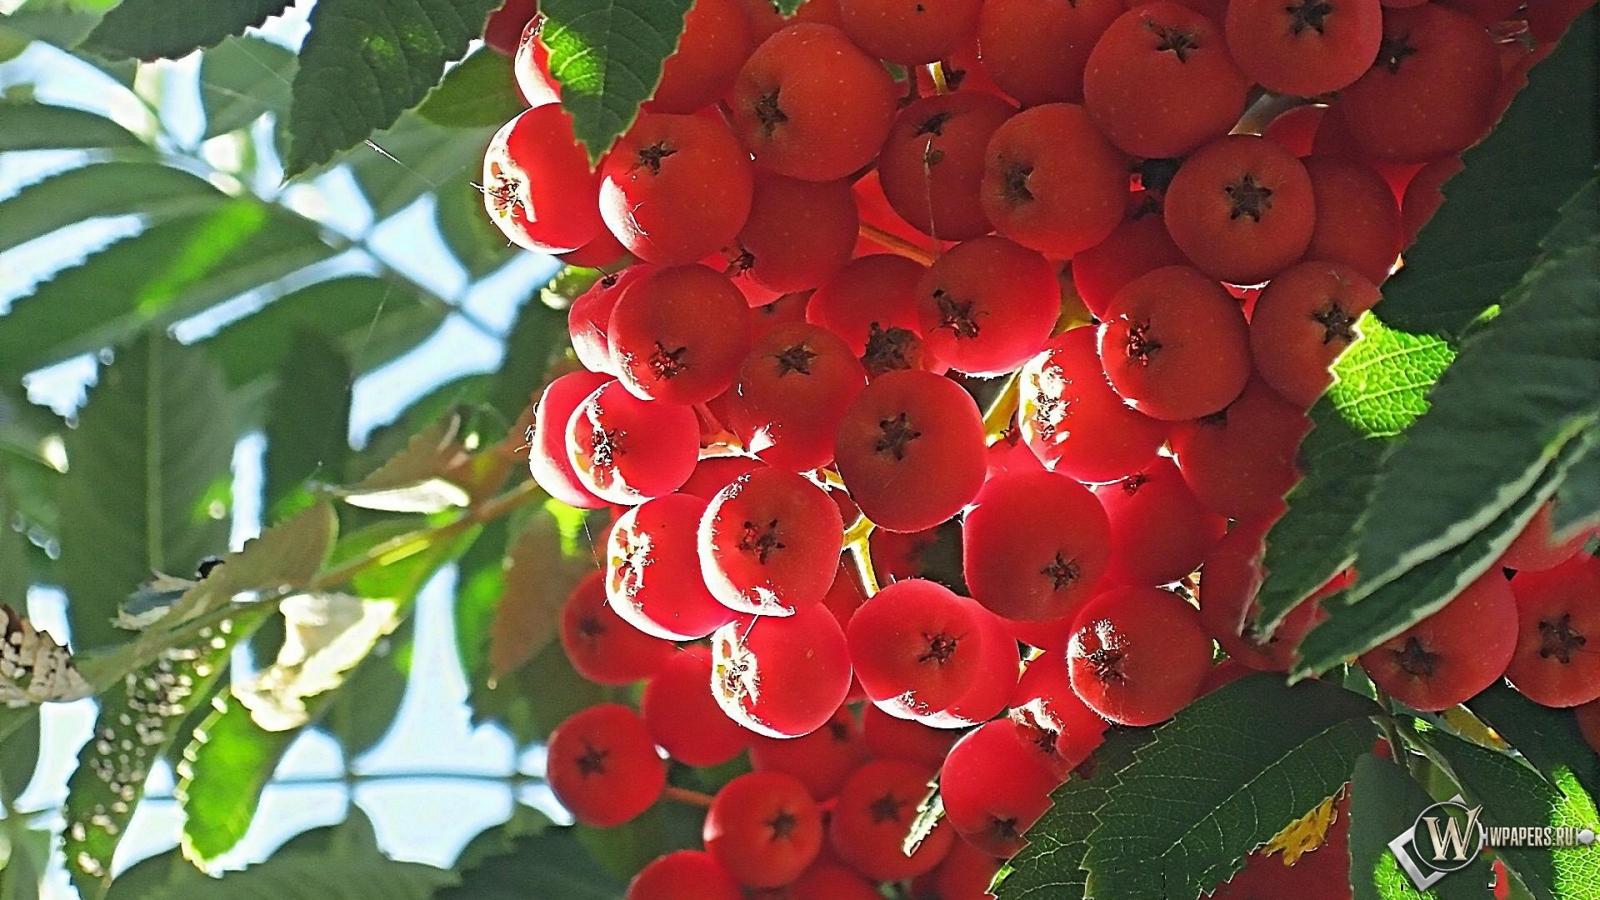 Картинки рябины гроздь